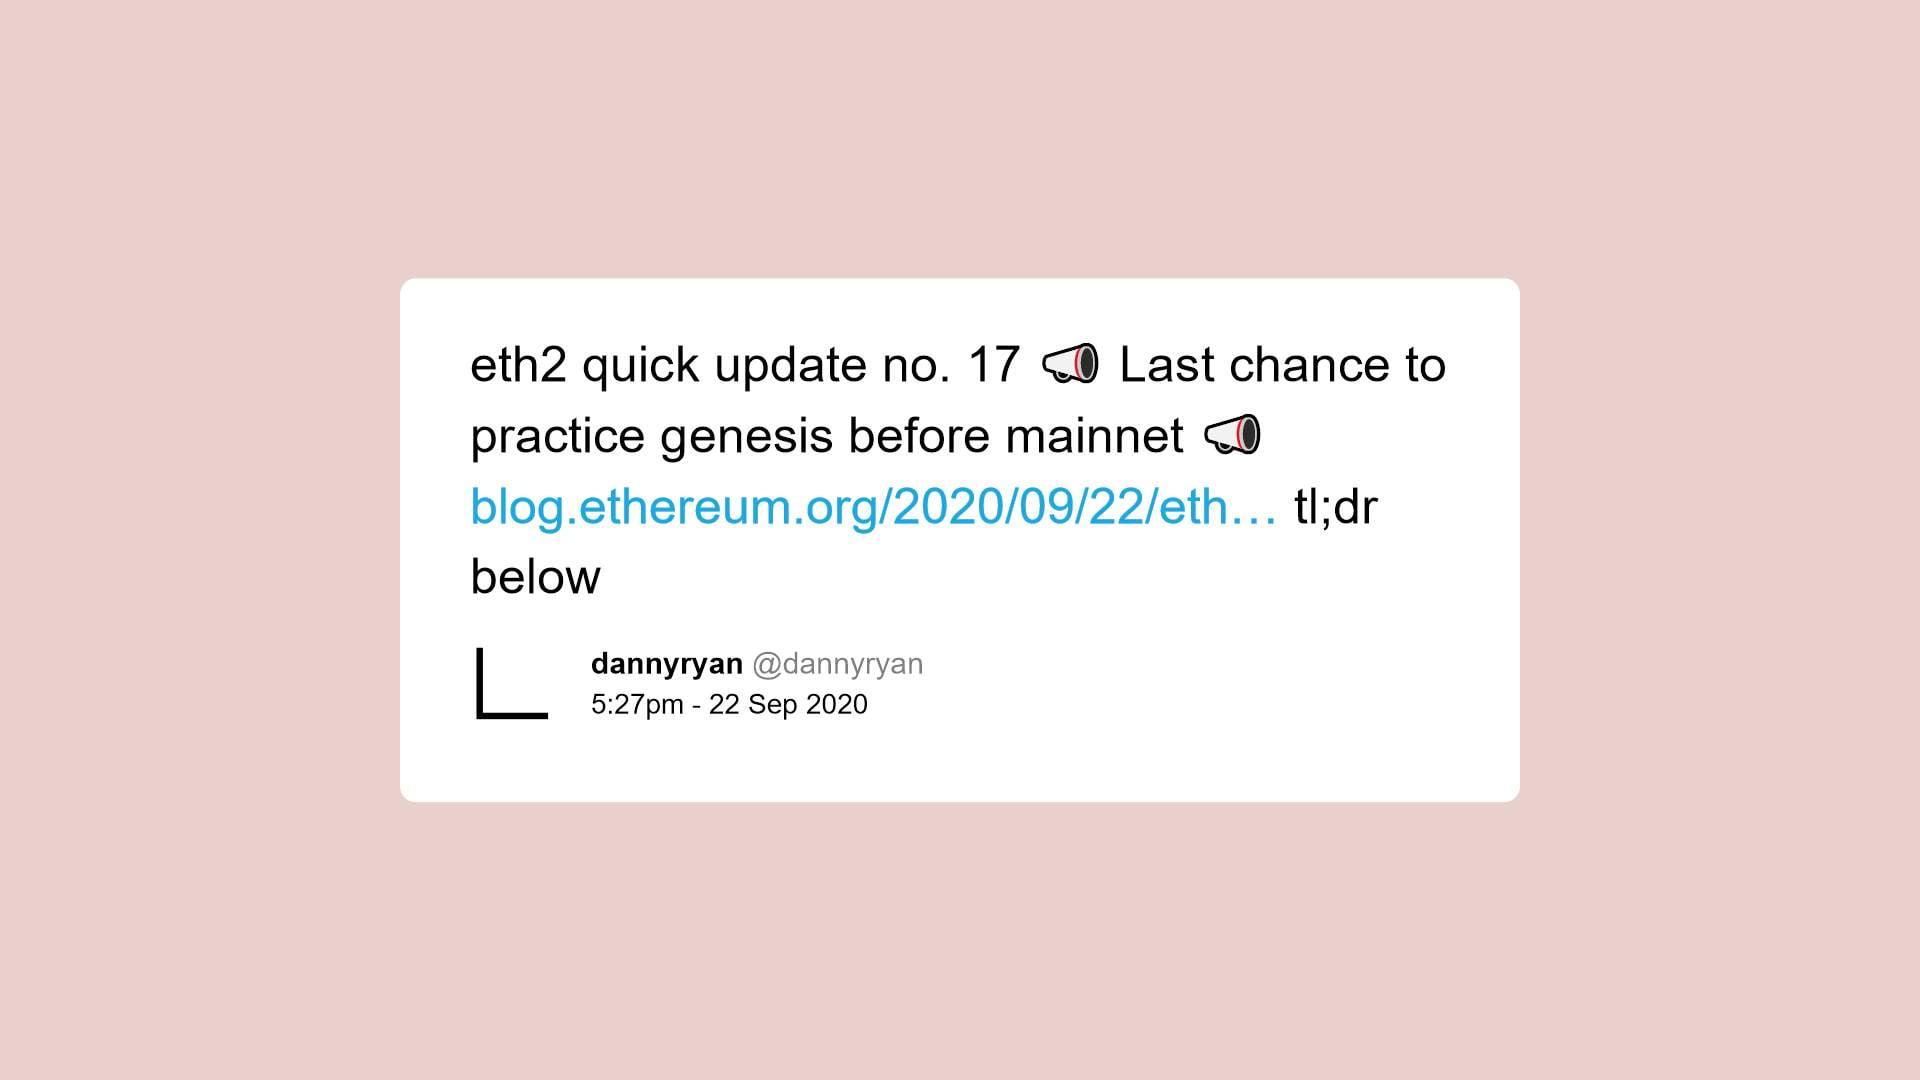 dannyryan tweet 1308442802754265090